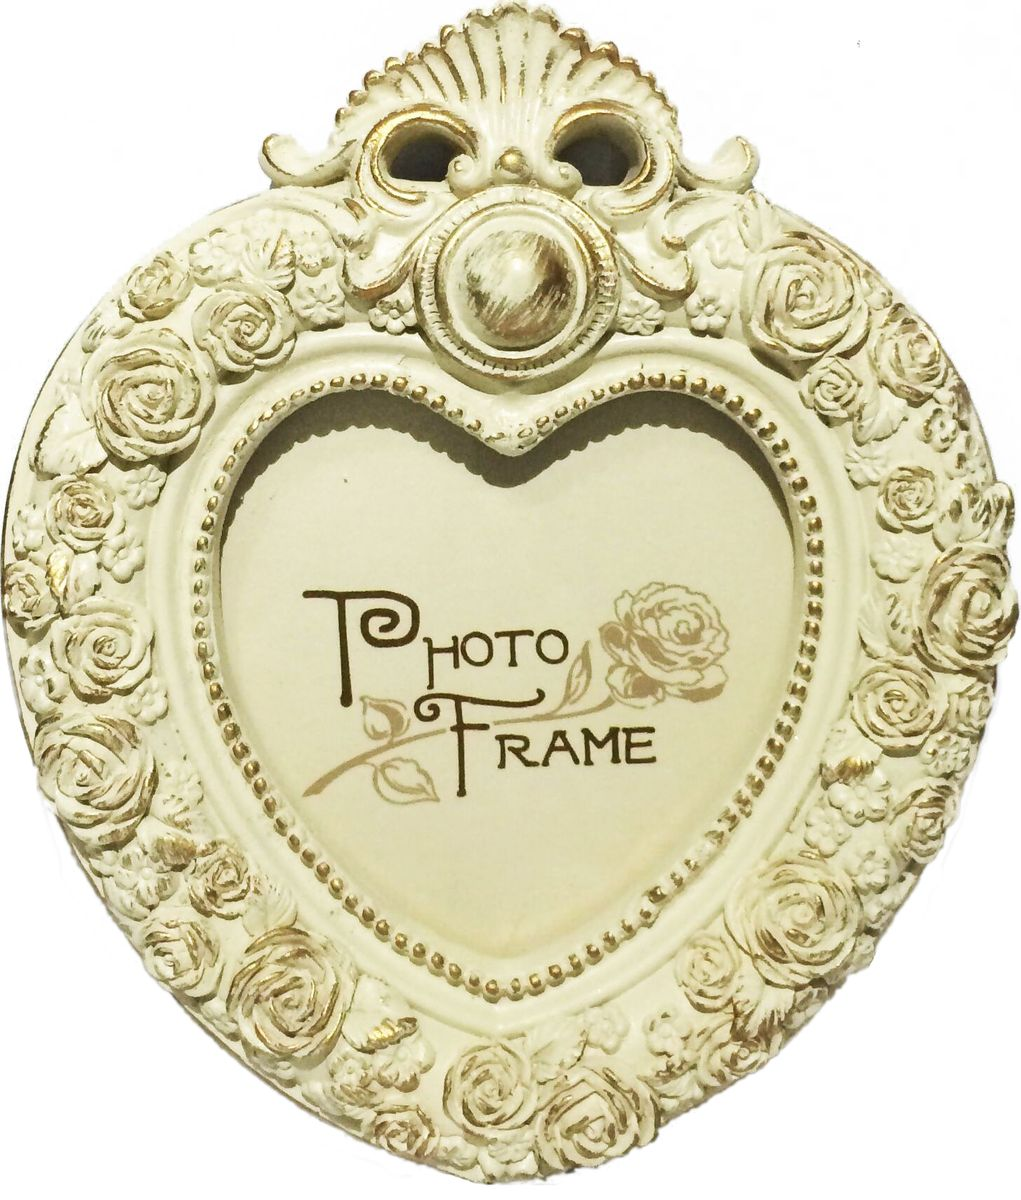 Фоторамка Magic Home Ажурное сердце, 11,5 х 2 х 13,7 см44361Стильная фоторамка Magic Home Ажурное сердце изготовлена из полирезины. Фоторамка украсит интерьер помещения оригинальным образом и позволит сохранить на память изображения дорогих вам людей и интересных событий вашей жизни. С такой фоторамкой вы сможете не просто внести в интерьер своего дома элемент необычности, но и создать атмосферу загадочности и изысканности.